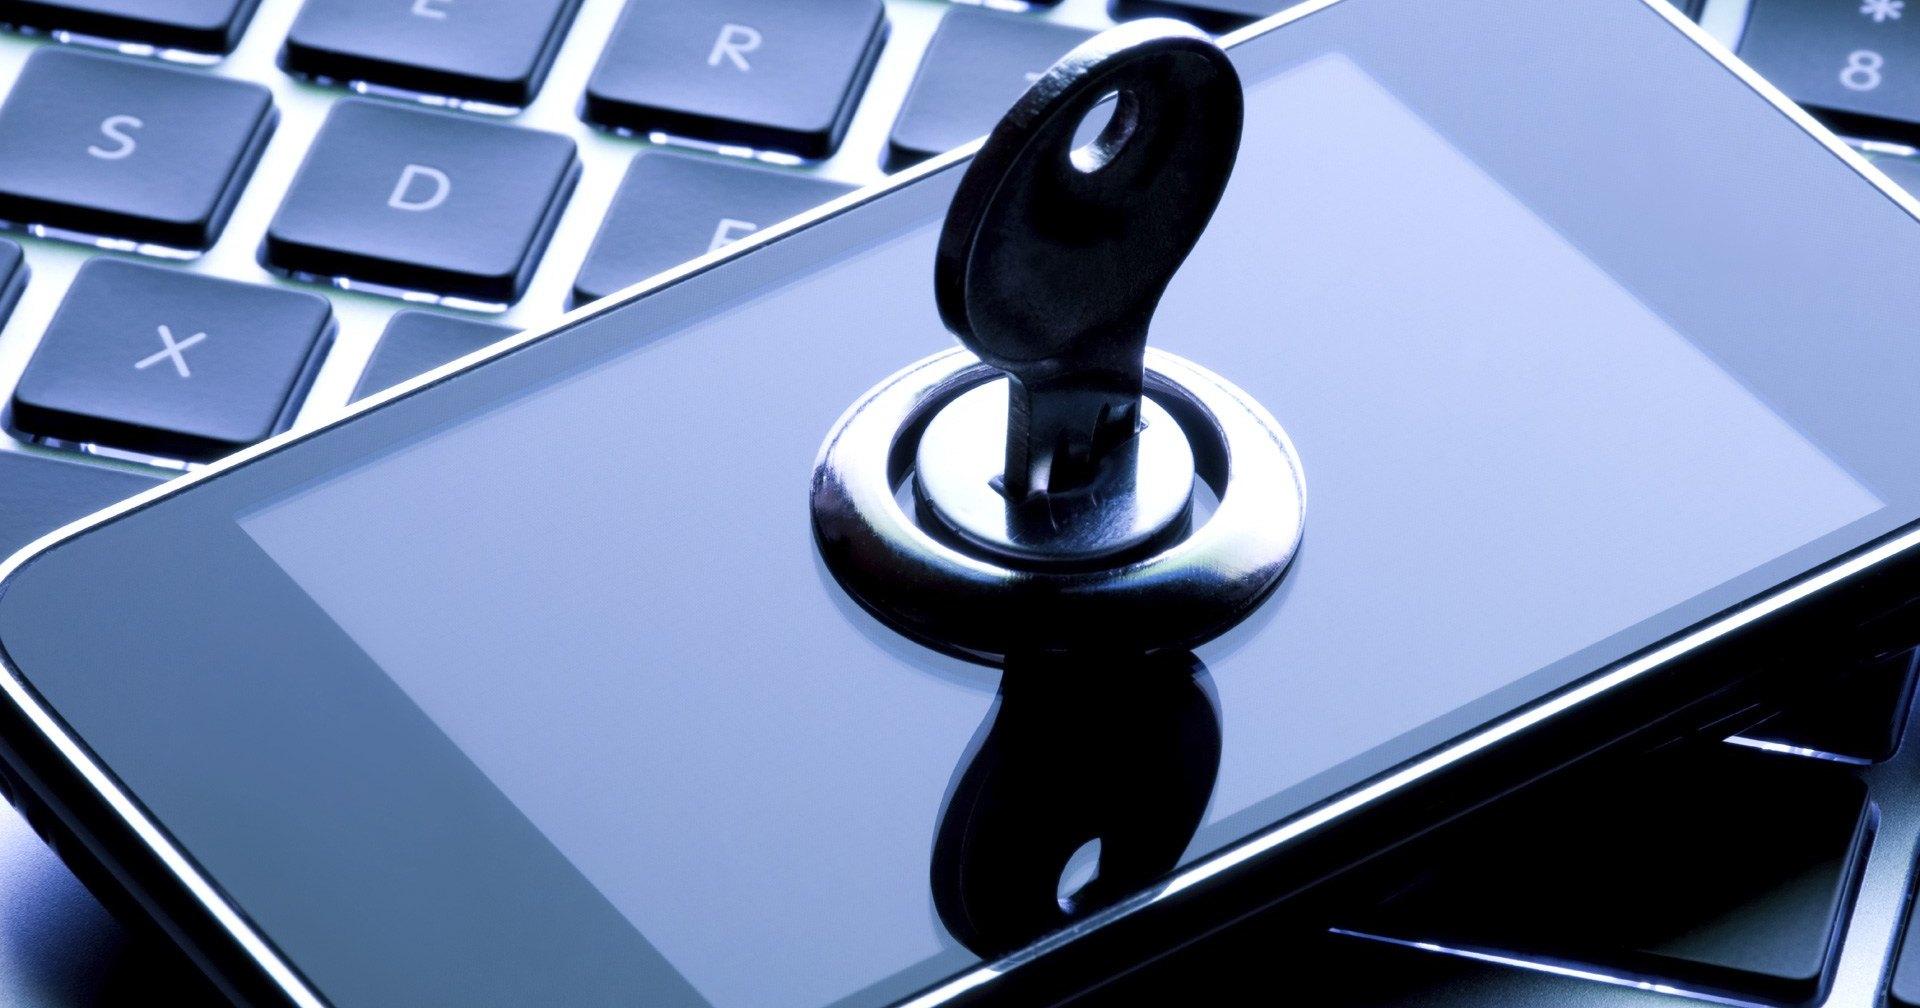 Ваш смартфон прослушивают, и это не паранойя